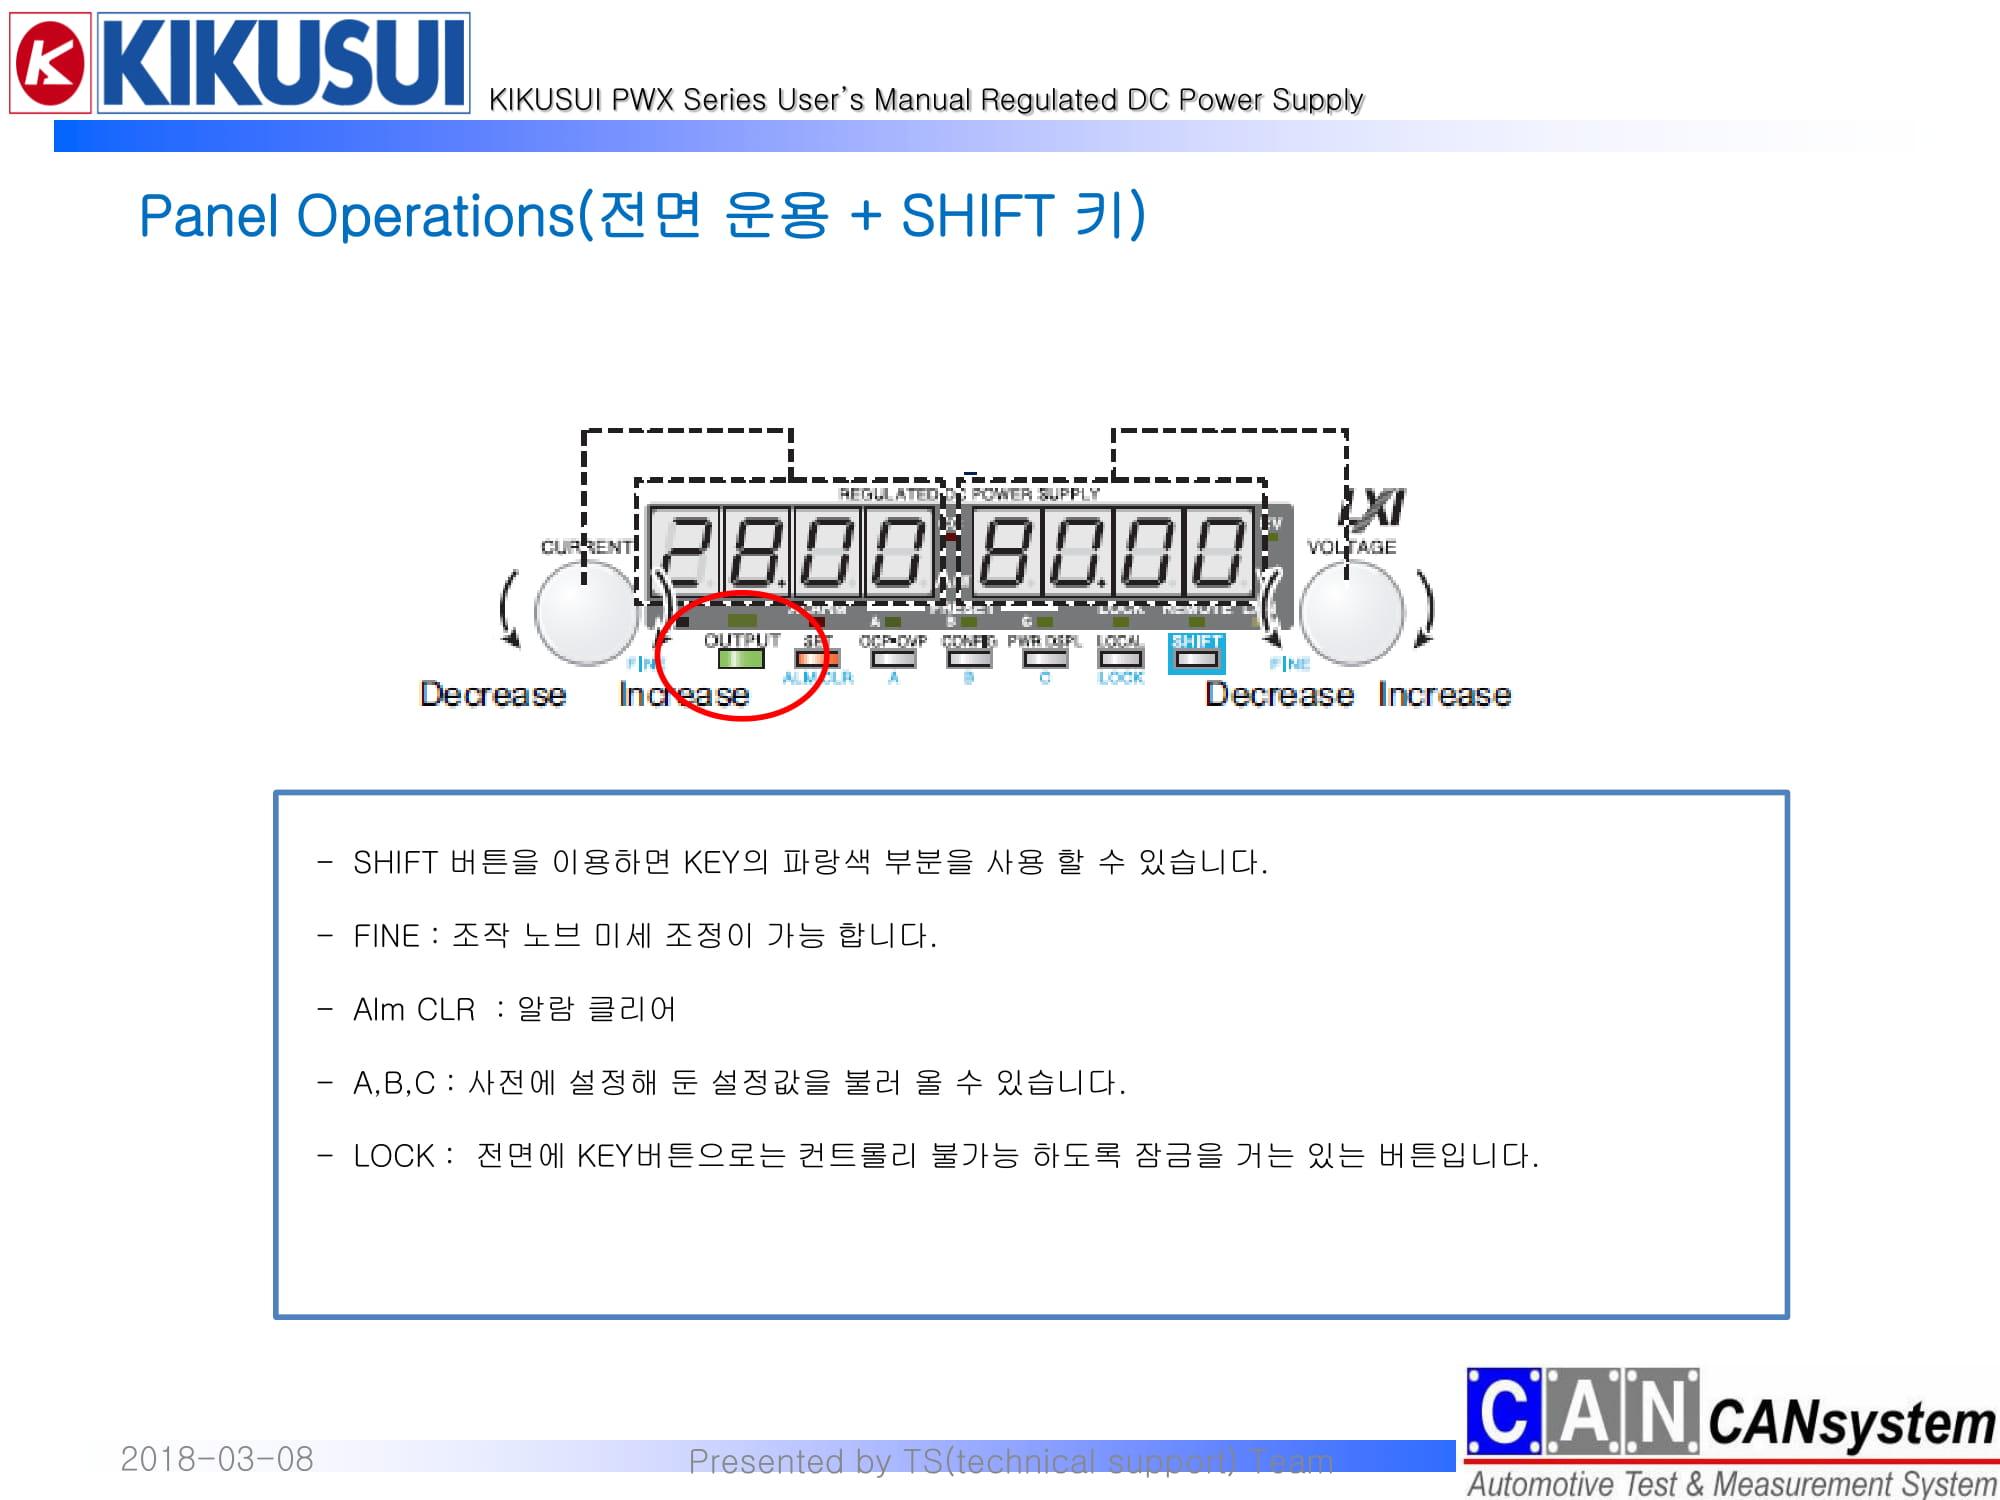 KIKUSUI PWX1500L 사용 가이드-18.jpg